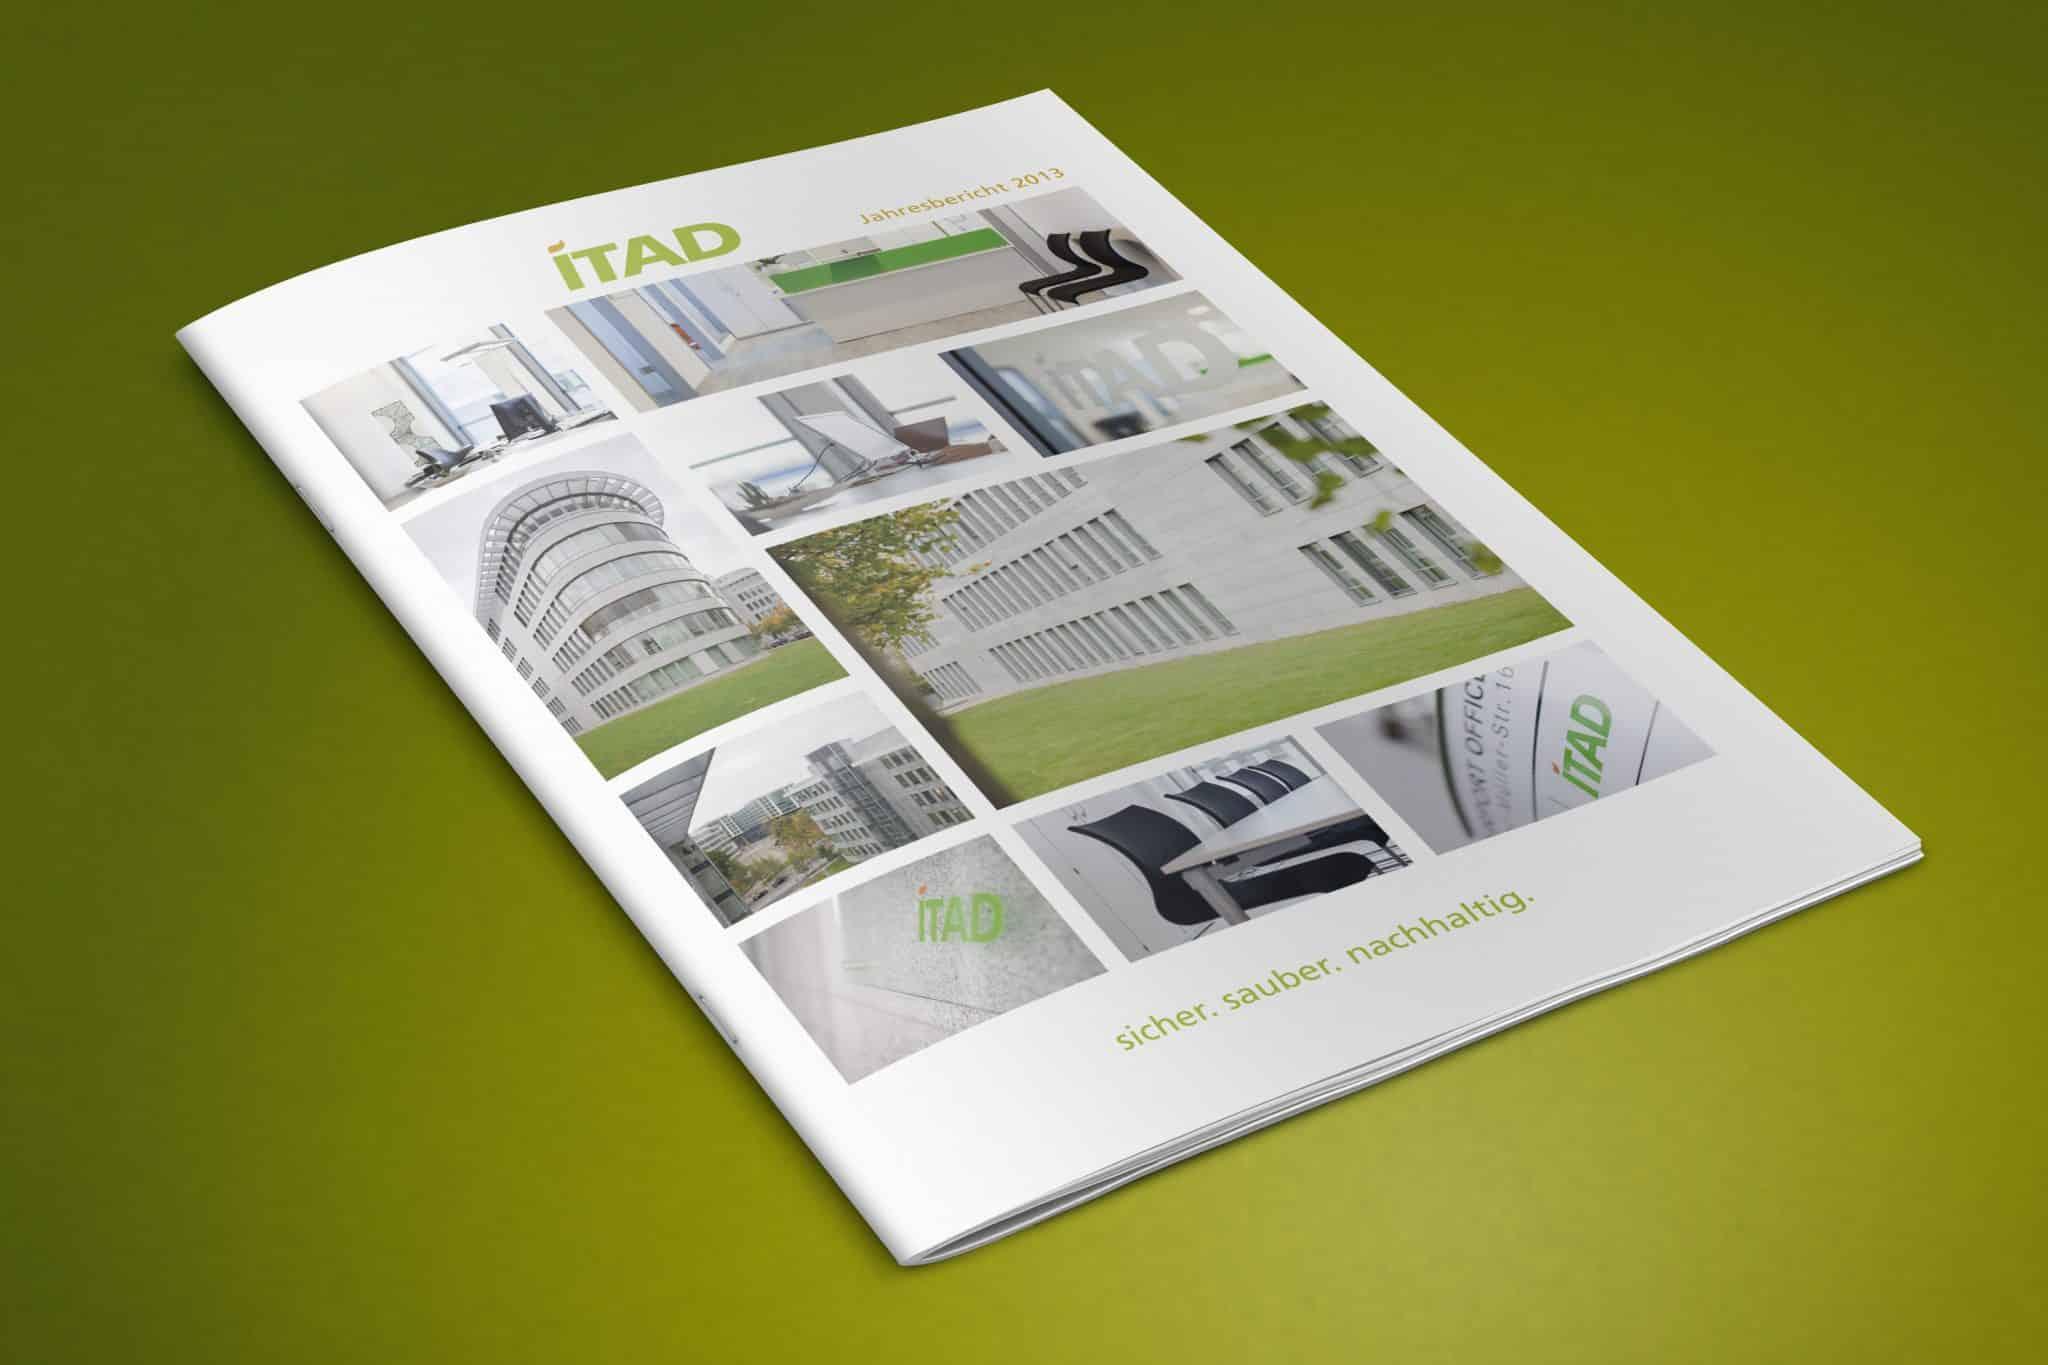 Gestaltung von Geschäftsberichten für die ITAD e.V. Seite Titel Ansicht